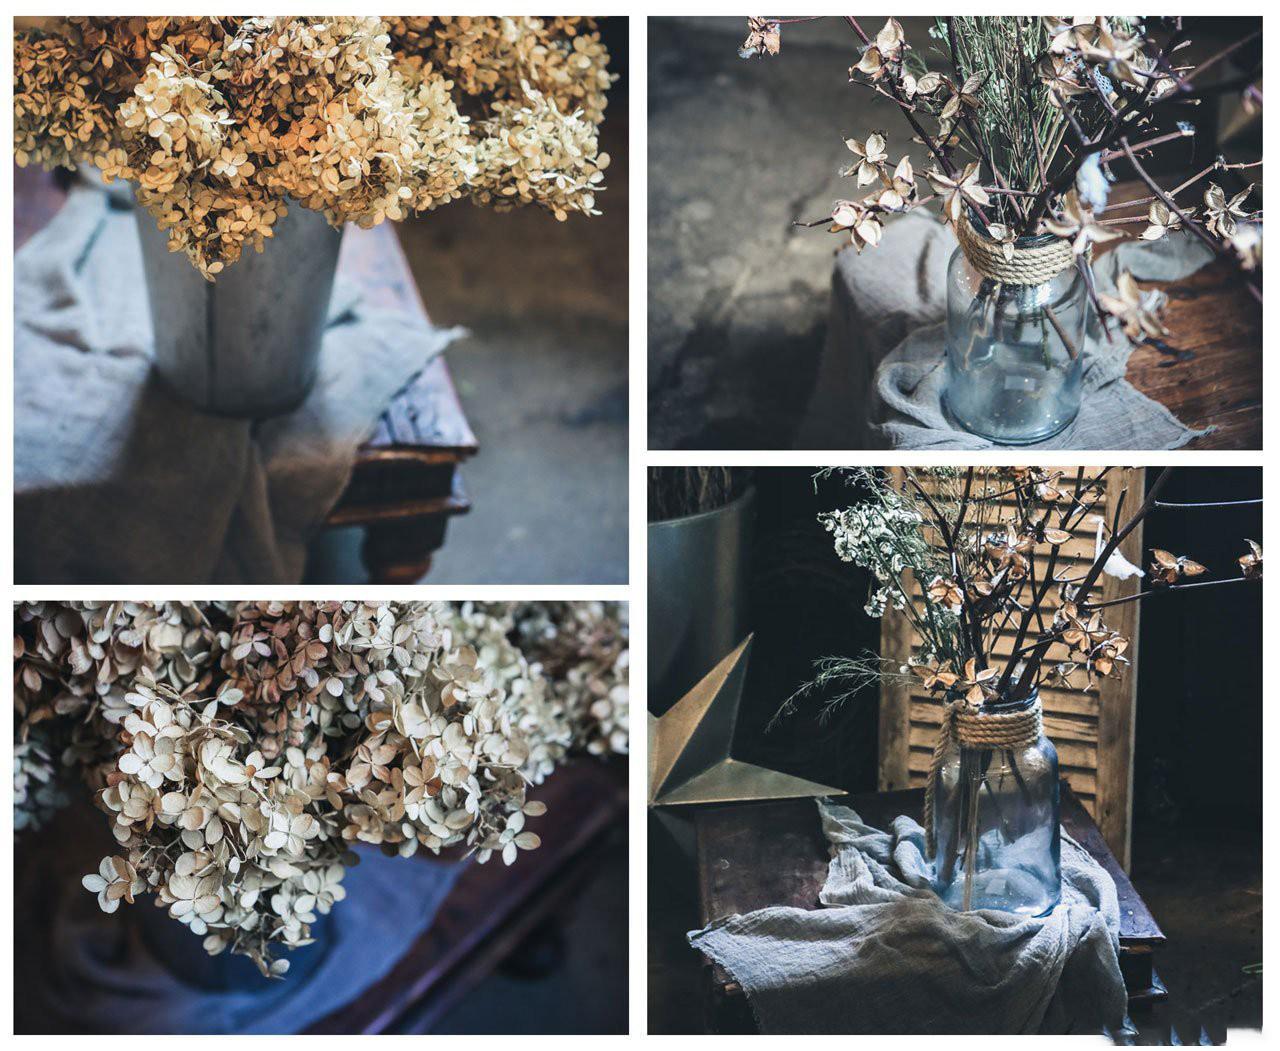 摄影教程_Lenslab –静物花卉产品摄影掌握色彩突破艺术界限研讨会-中文字幕 摄影教程 _预览图5